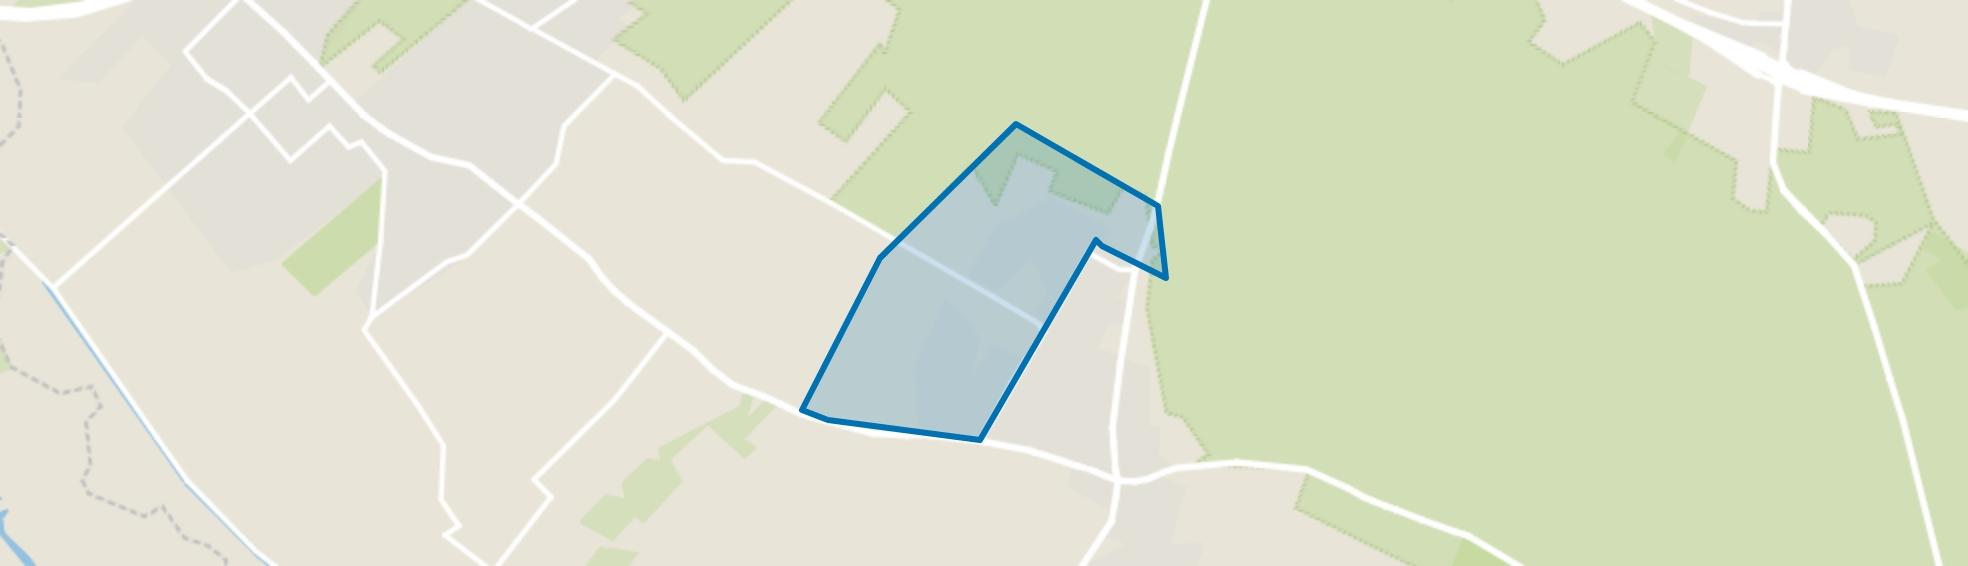 Doorn-West, Doorn map